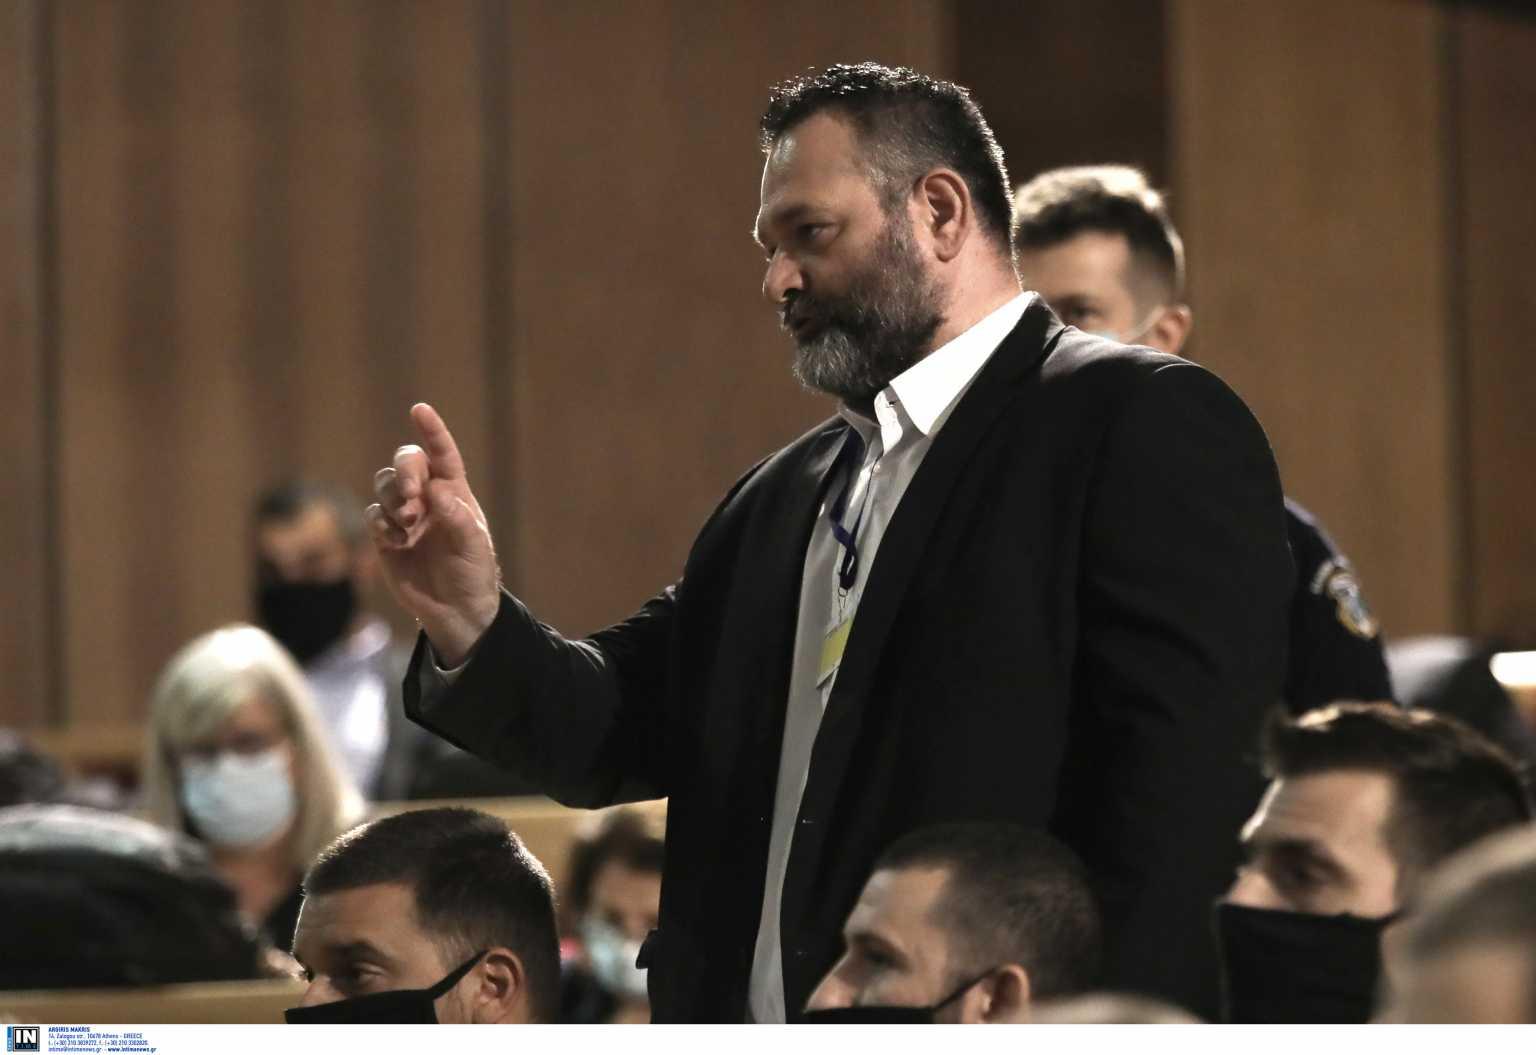 Γιάννης Λαγός: Γιατί ζήτησαν οι ελληνικές αρχές να εκδοθεί «ερυθρά αγγελία» σε βάρος του